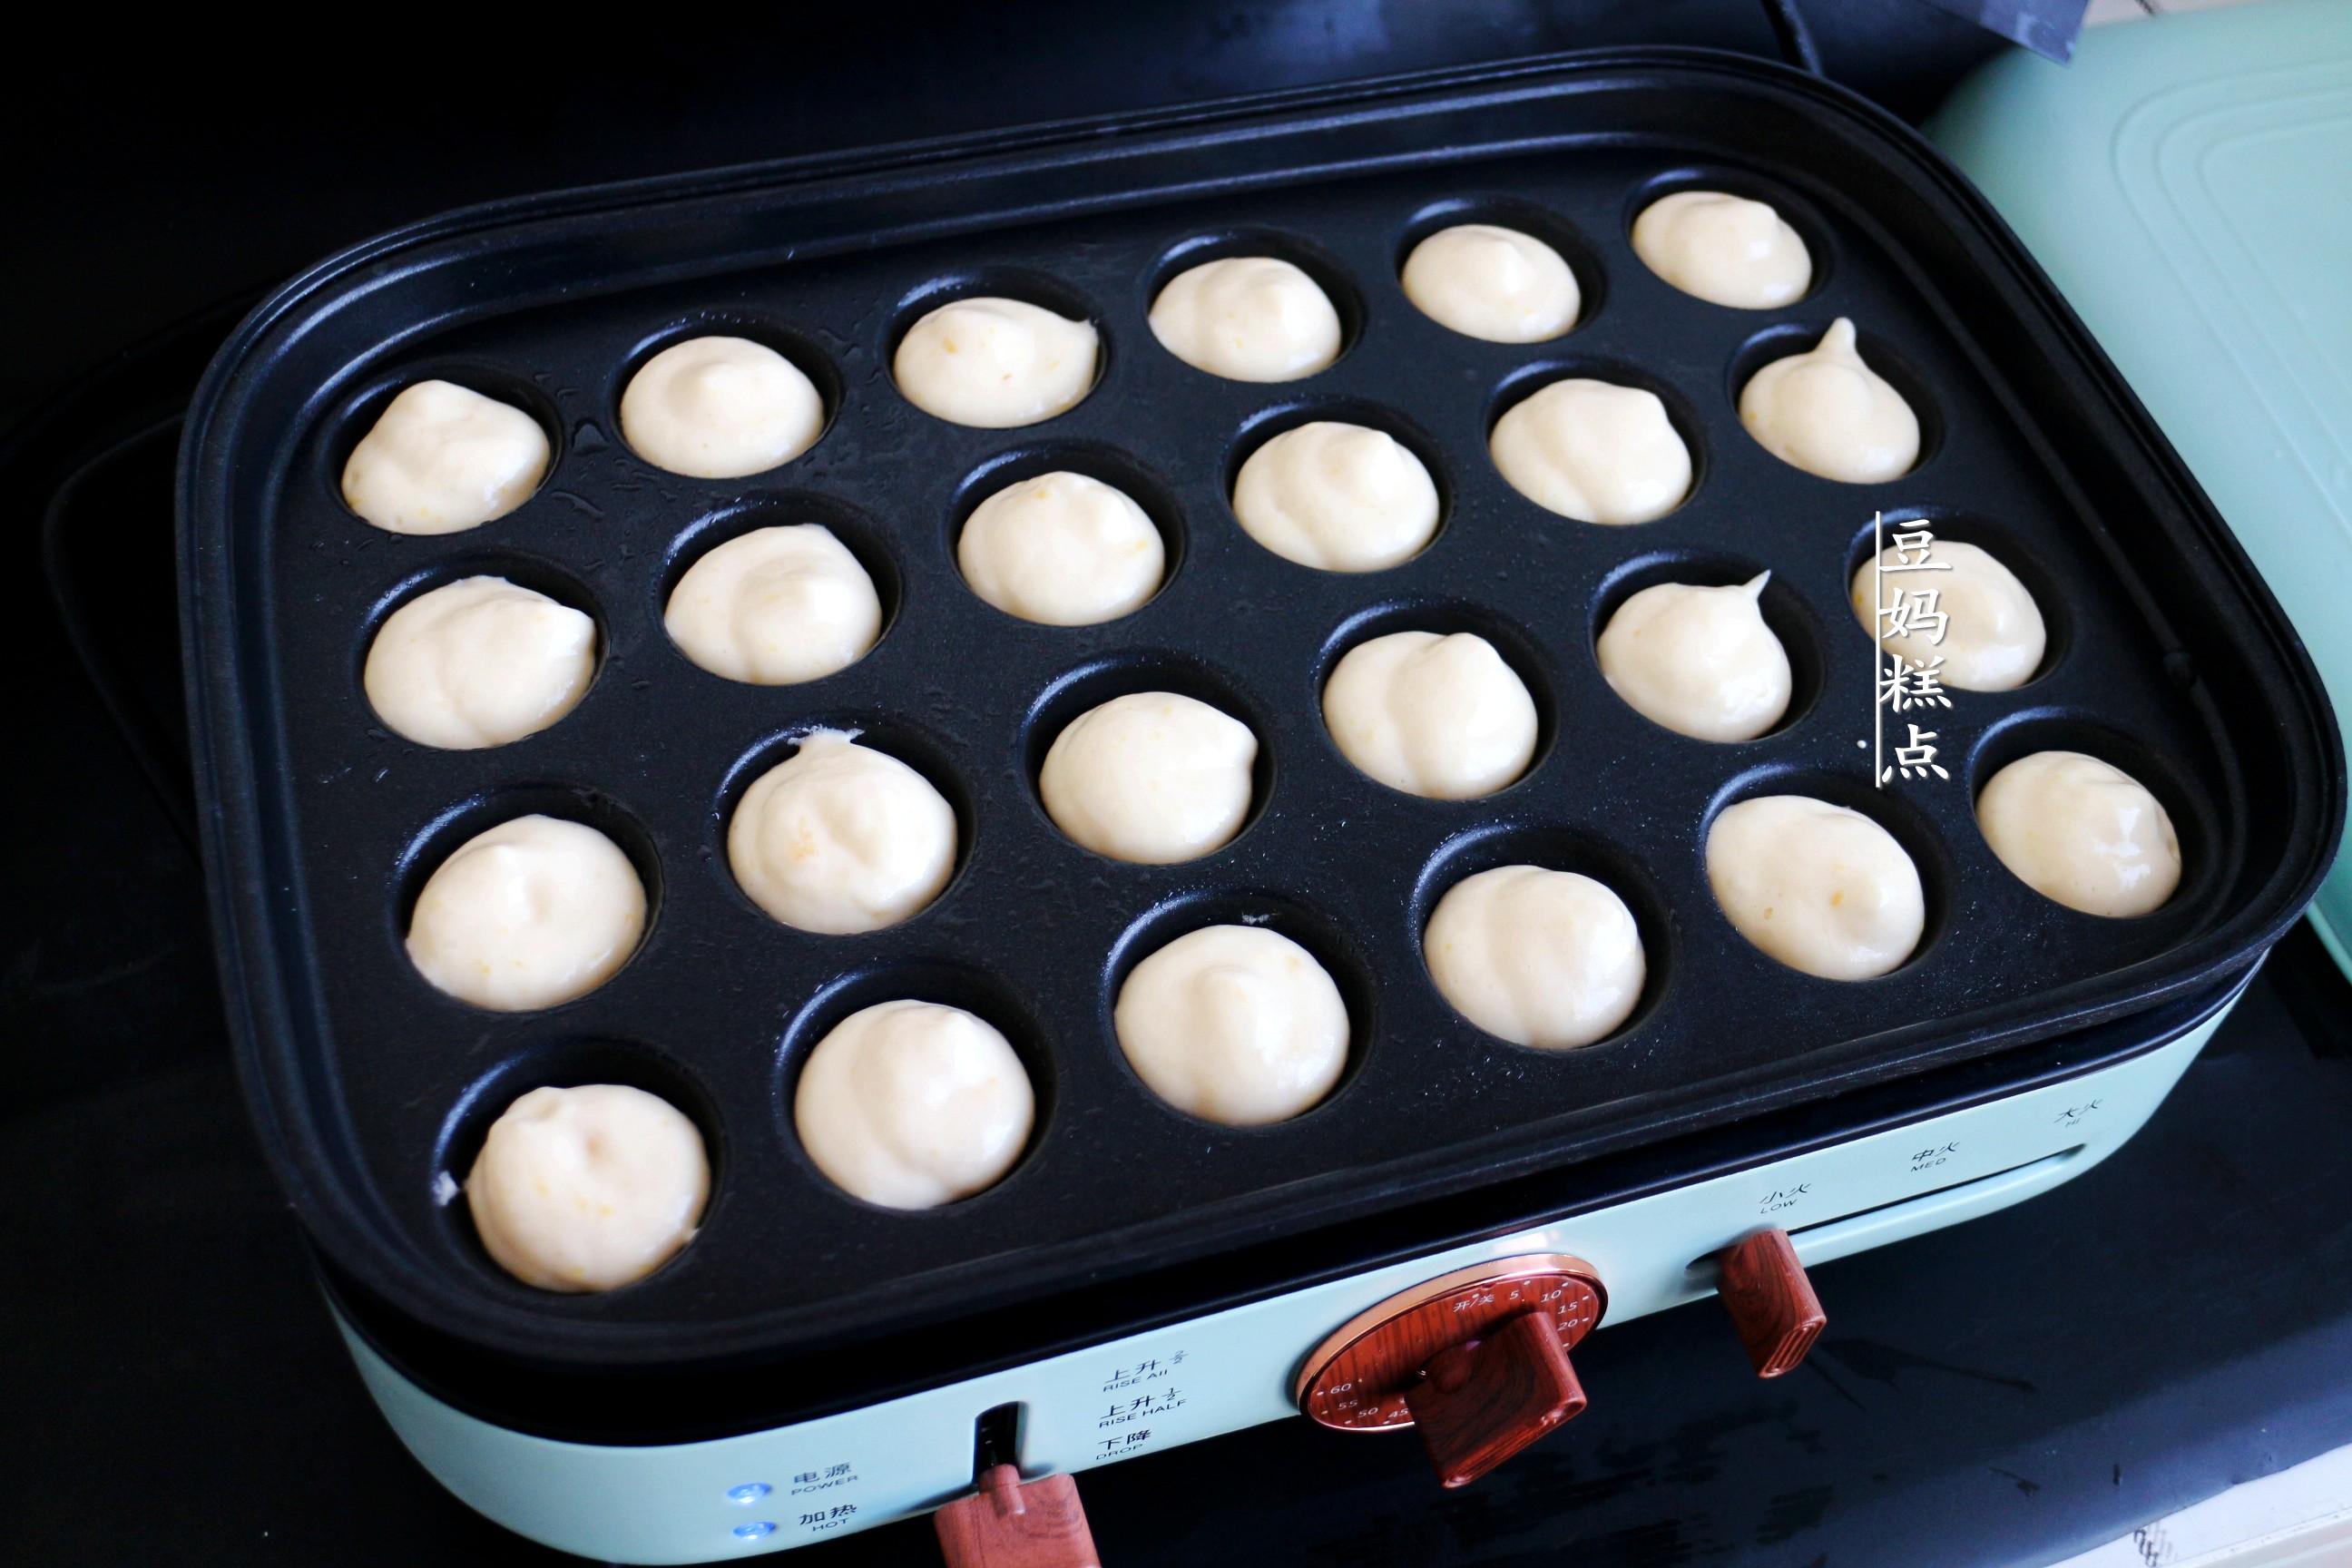 元旦在家,带孩子一起做迷你小蛋糕,不用烤箱,好吃又有趣